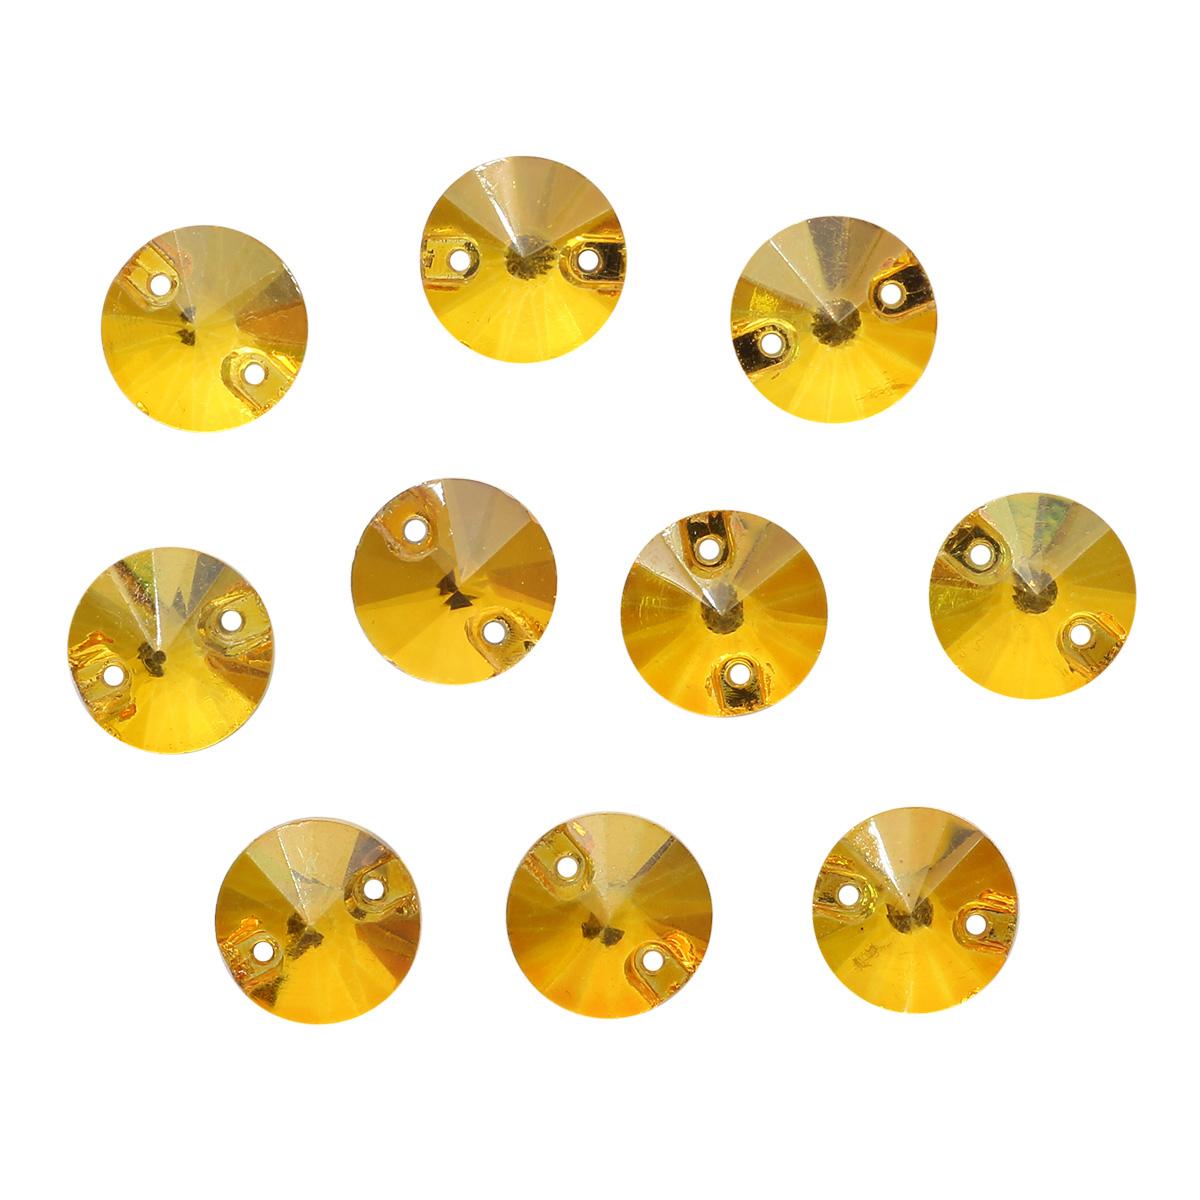 РИ002НН10 Хрустальные стразы пришивные круглые, желтые 10мм, 10шт/упак Астра